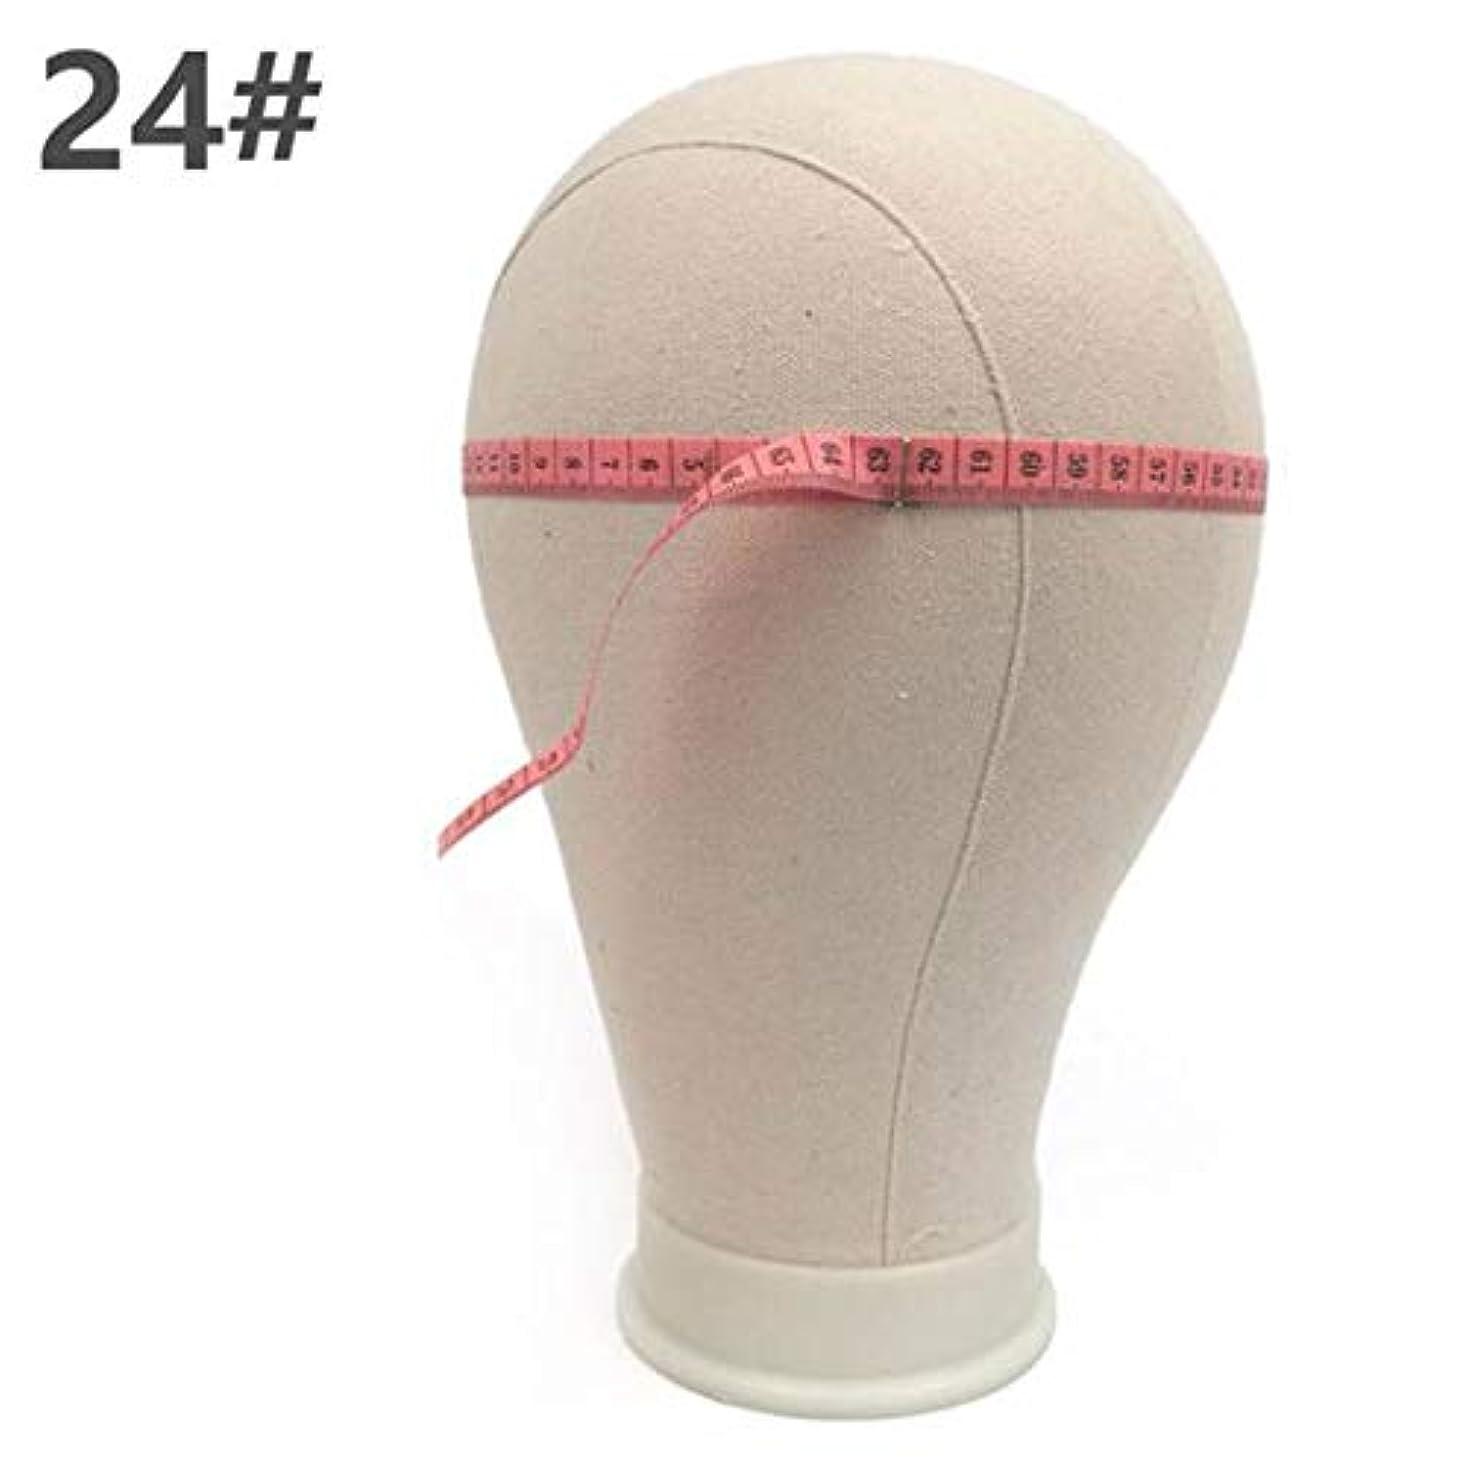 弱める脇に好意的ヘッドモールドウィッグブラケット仕上げウィッグ形状ピン止め可能な布布モデルヘッドキャンバスヘッドモデルヘッドウィッグ配置,D